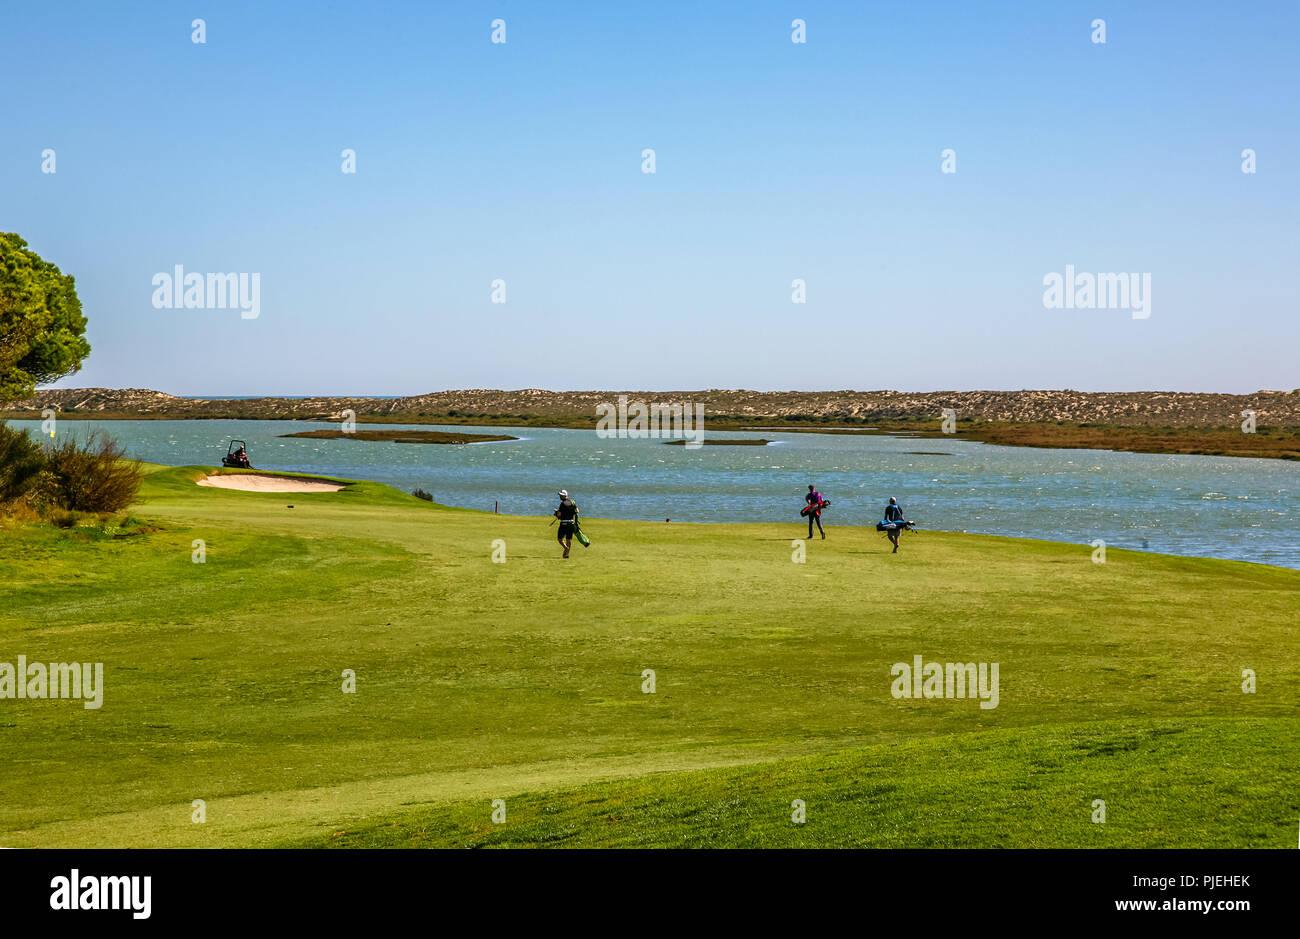 Quinta do Lago Golf Course - Golf Near the Sea Stock Photo